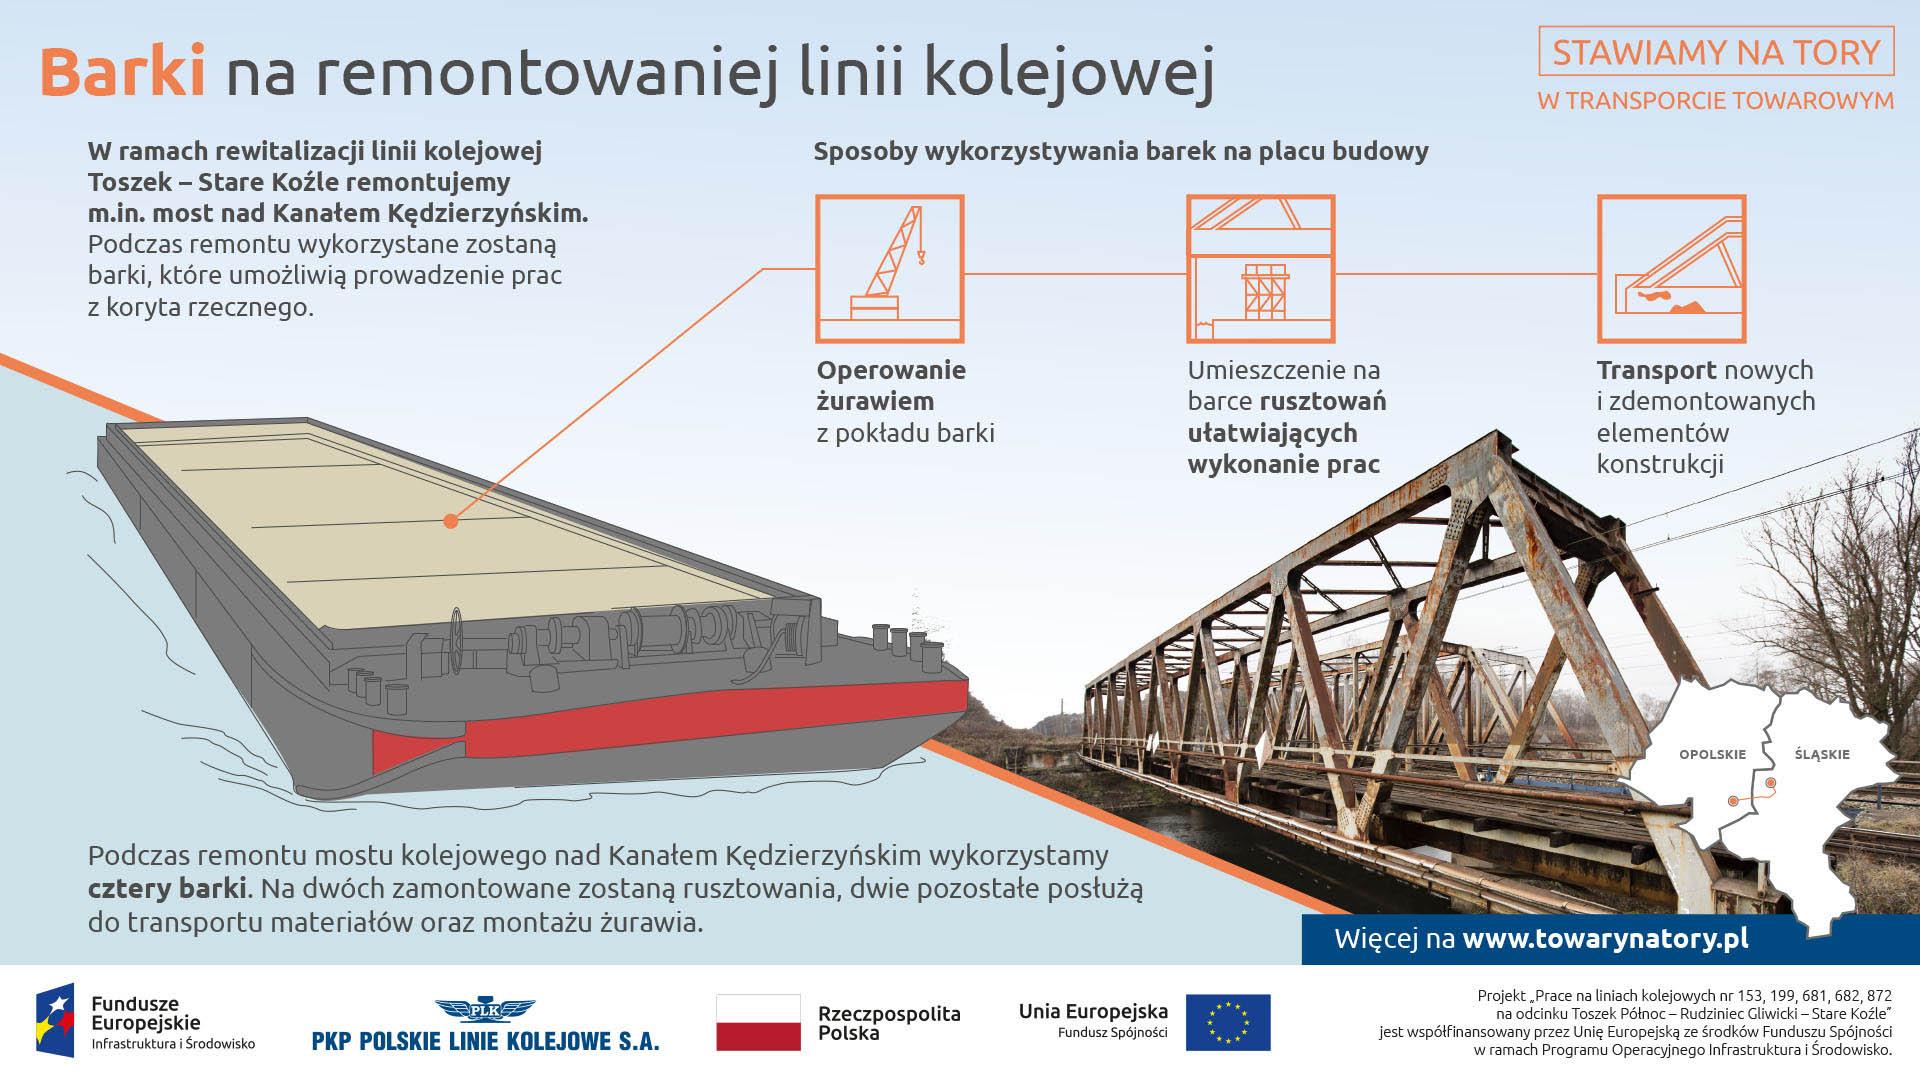 Infografika mówi o użyciu barek na remontowanej linii. Służą one do operowania żurawiem, ustawienia rusztowań pod mostem, transportu nowych elementów.